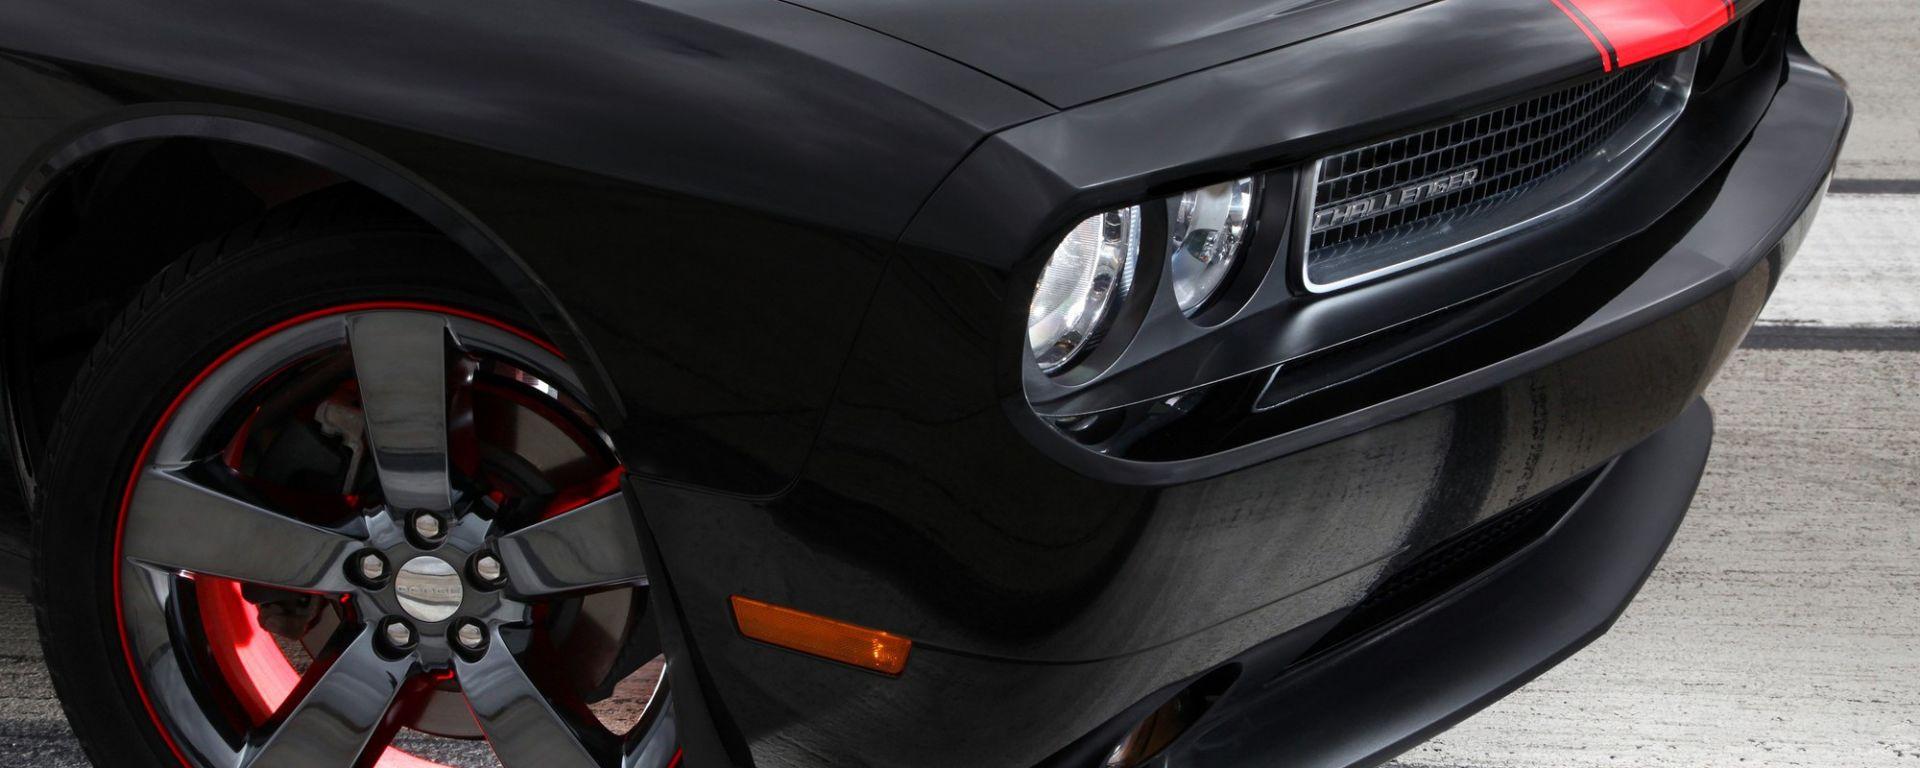 Dodge Chellenger Rallye Redline